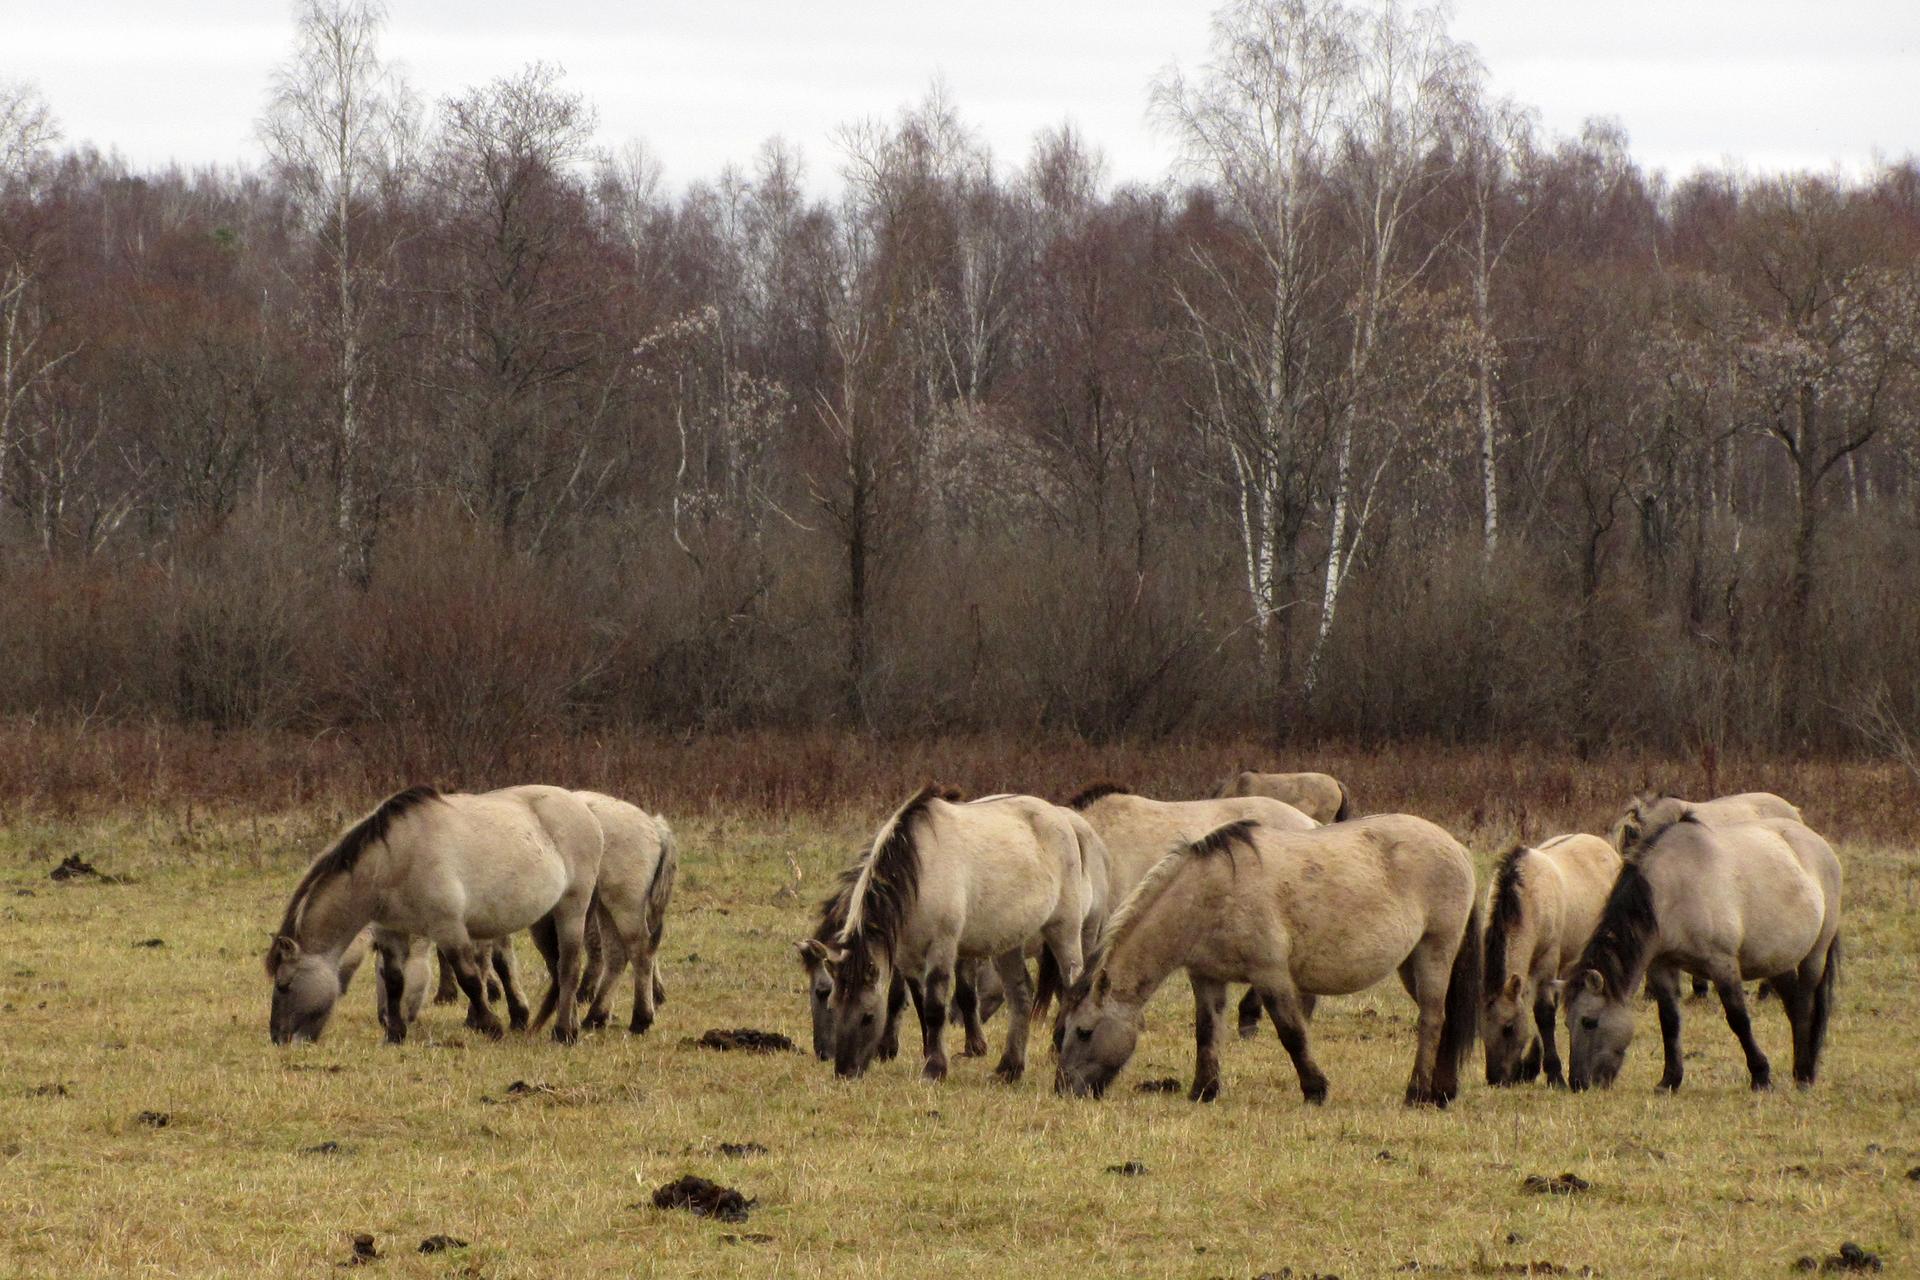 Fotografia przedstawia stado niskich koni, pasących się na łące pod lasem. Są beżowe, zczarną grzywą, ogonem inogami. To koniki polskie wRoztoczańskim Parku Narodowym.